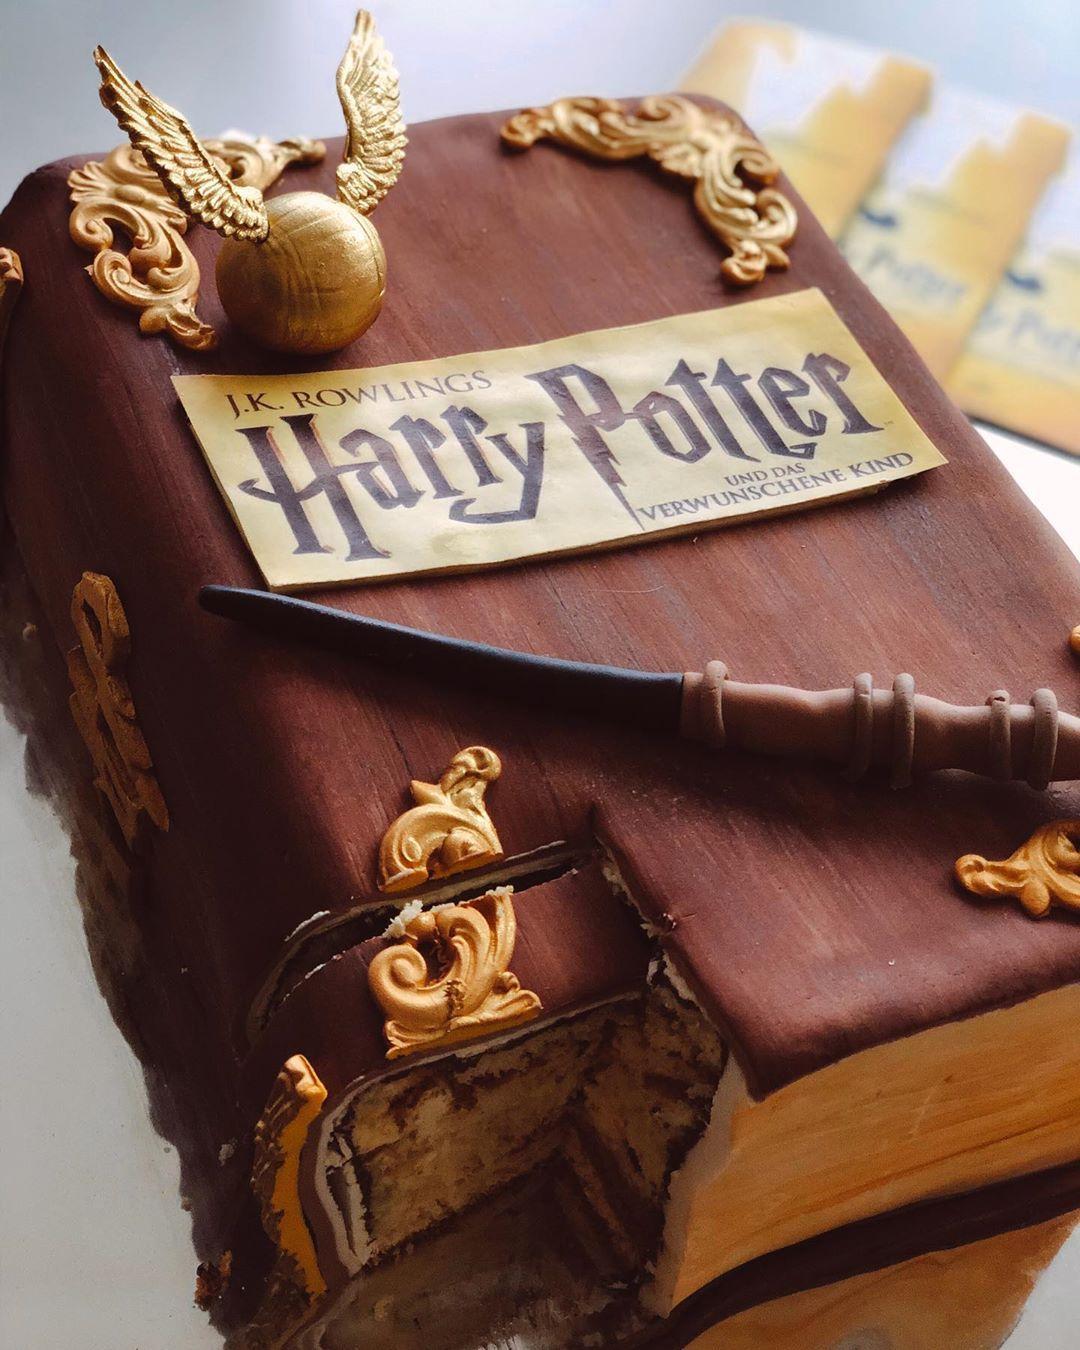 Harry Potter Kuchen Beim Besuch Im Mehr Theater In Hamburg Und Das Tol Kuchen Food Blog Cake Recipes